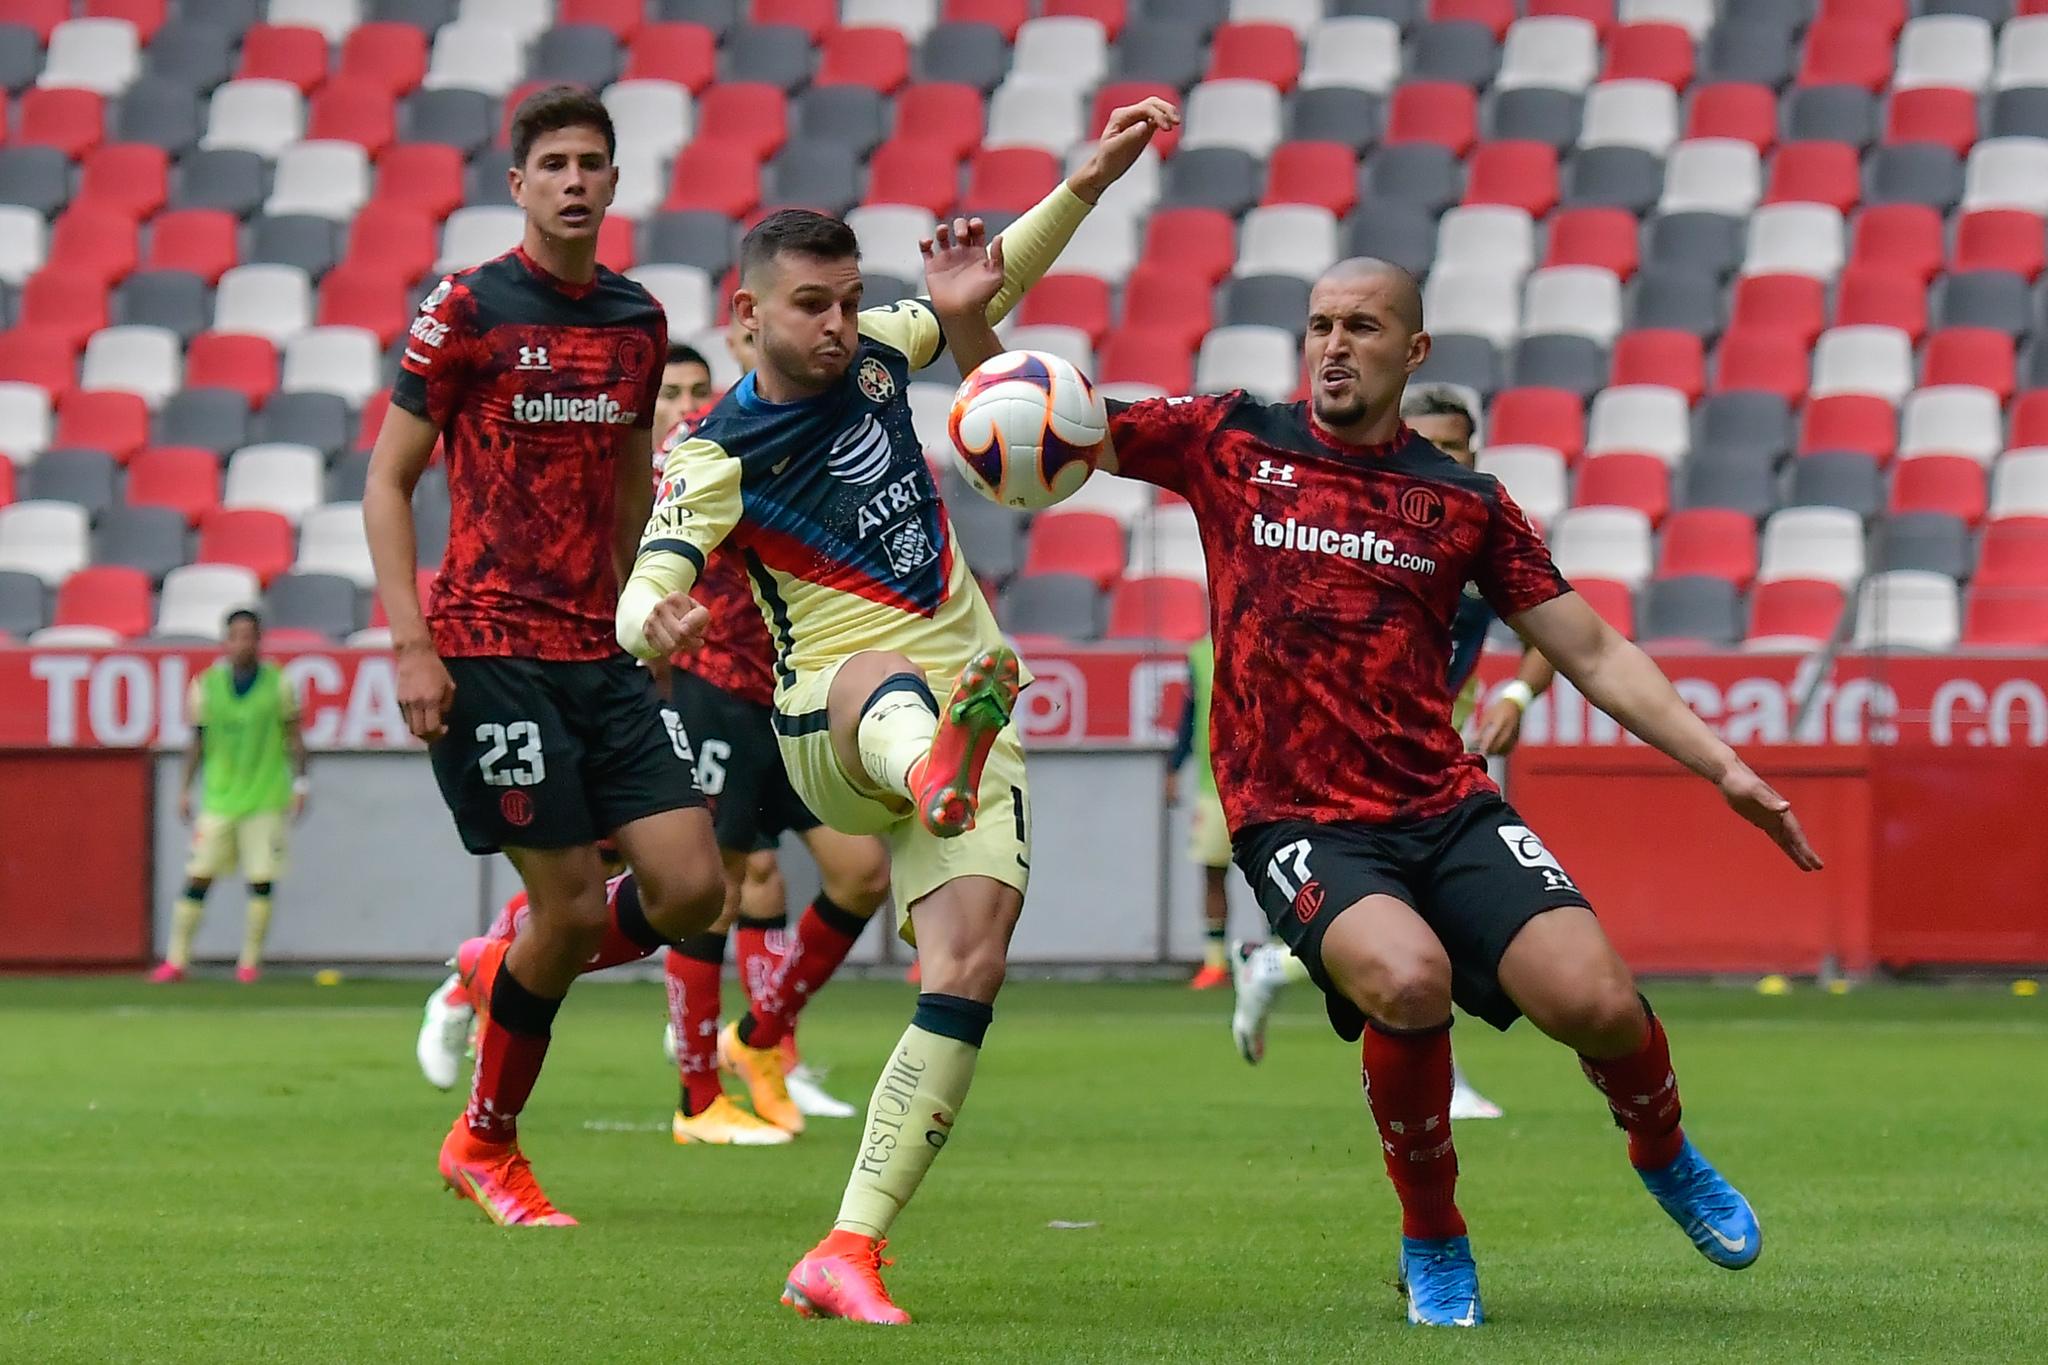 Toluca derrota a América y acaricia el repechaje, Alexis Canelo marcó su gol 11 del torneo